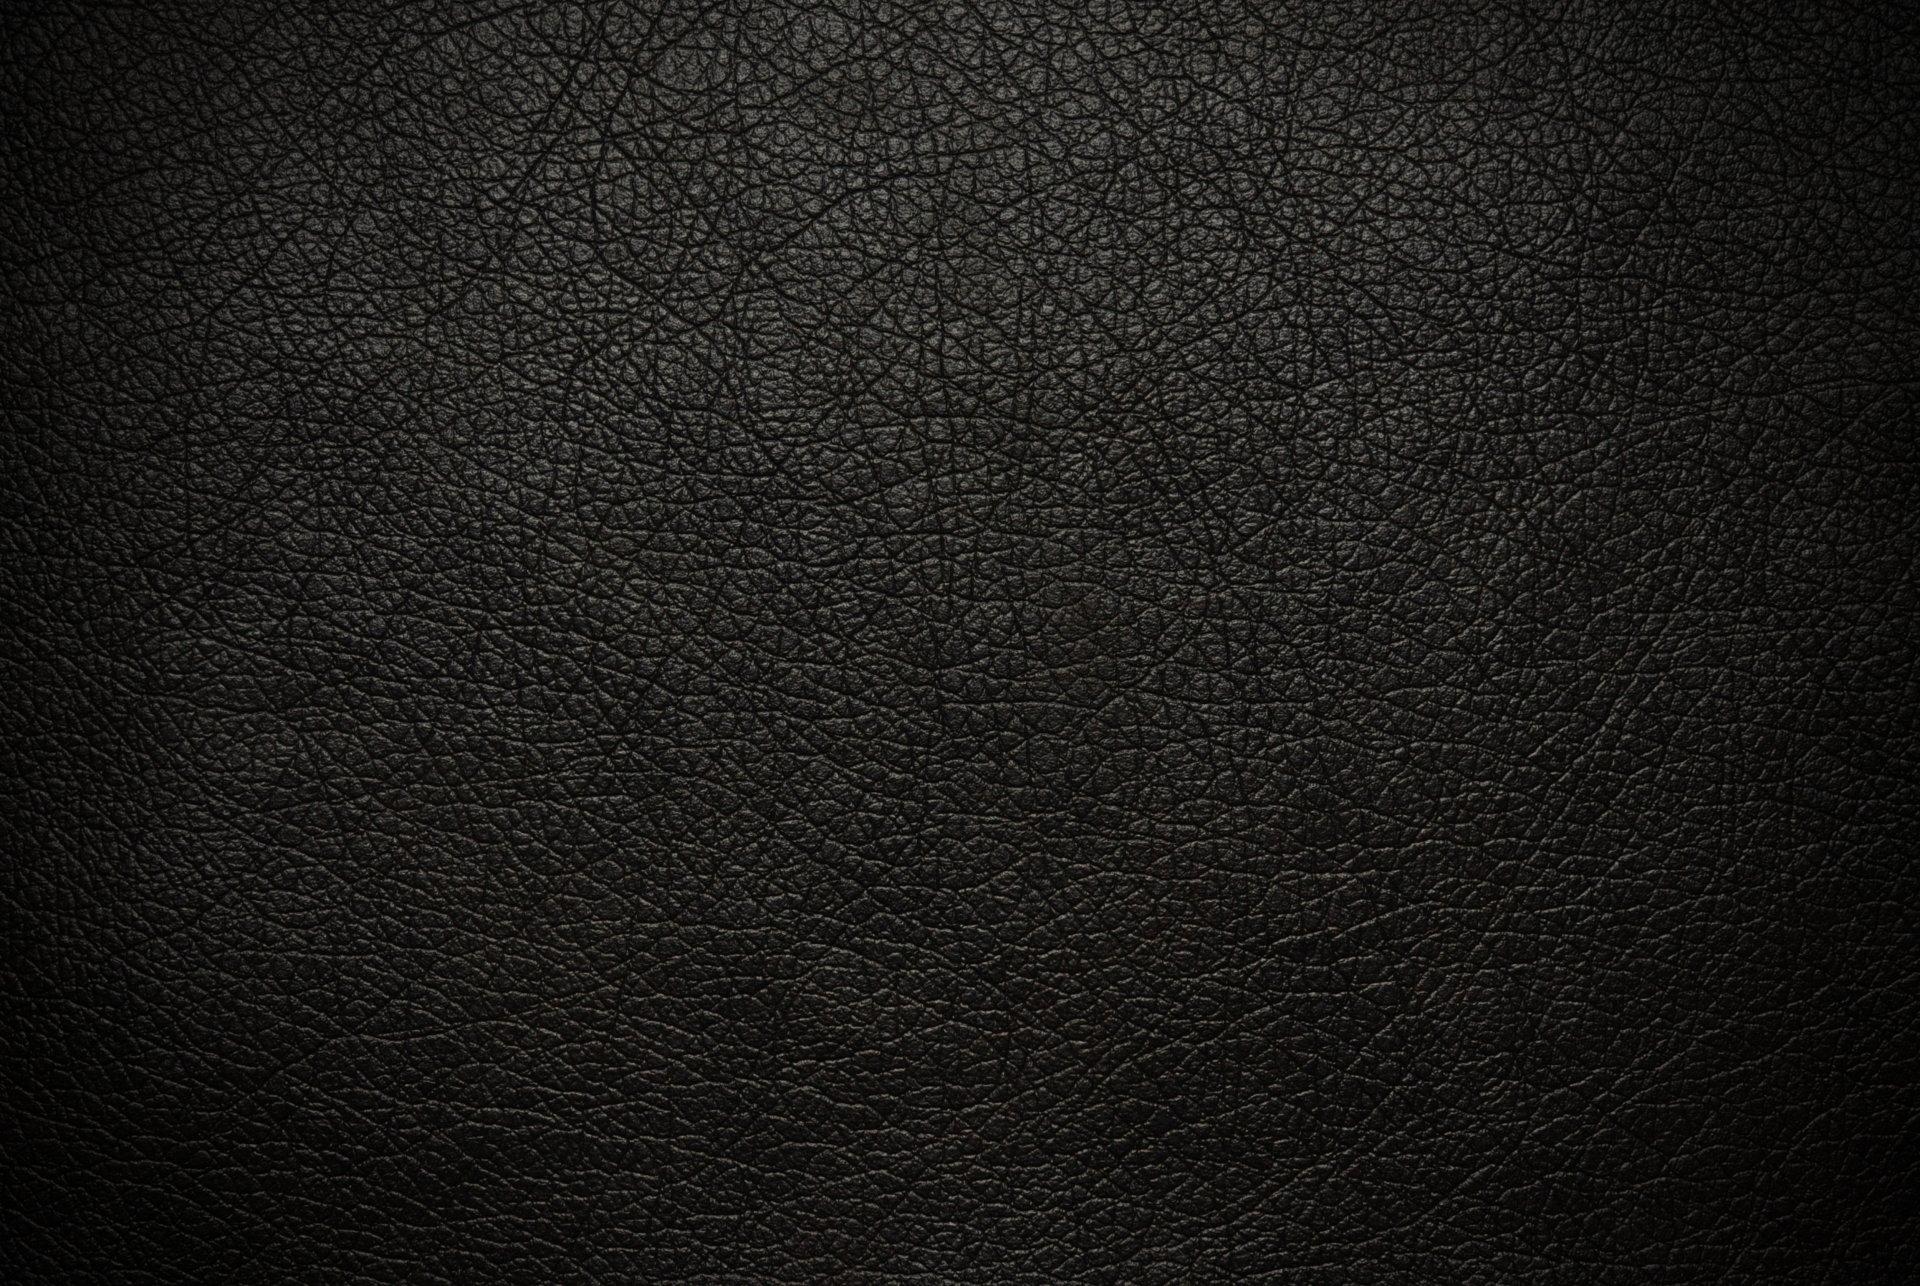 Картинки черной кожи